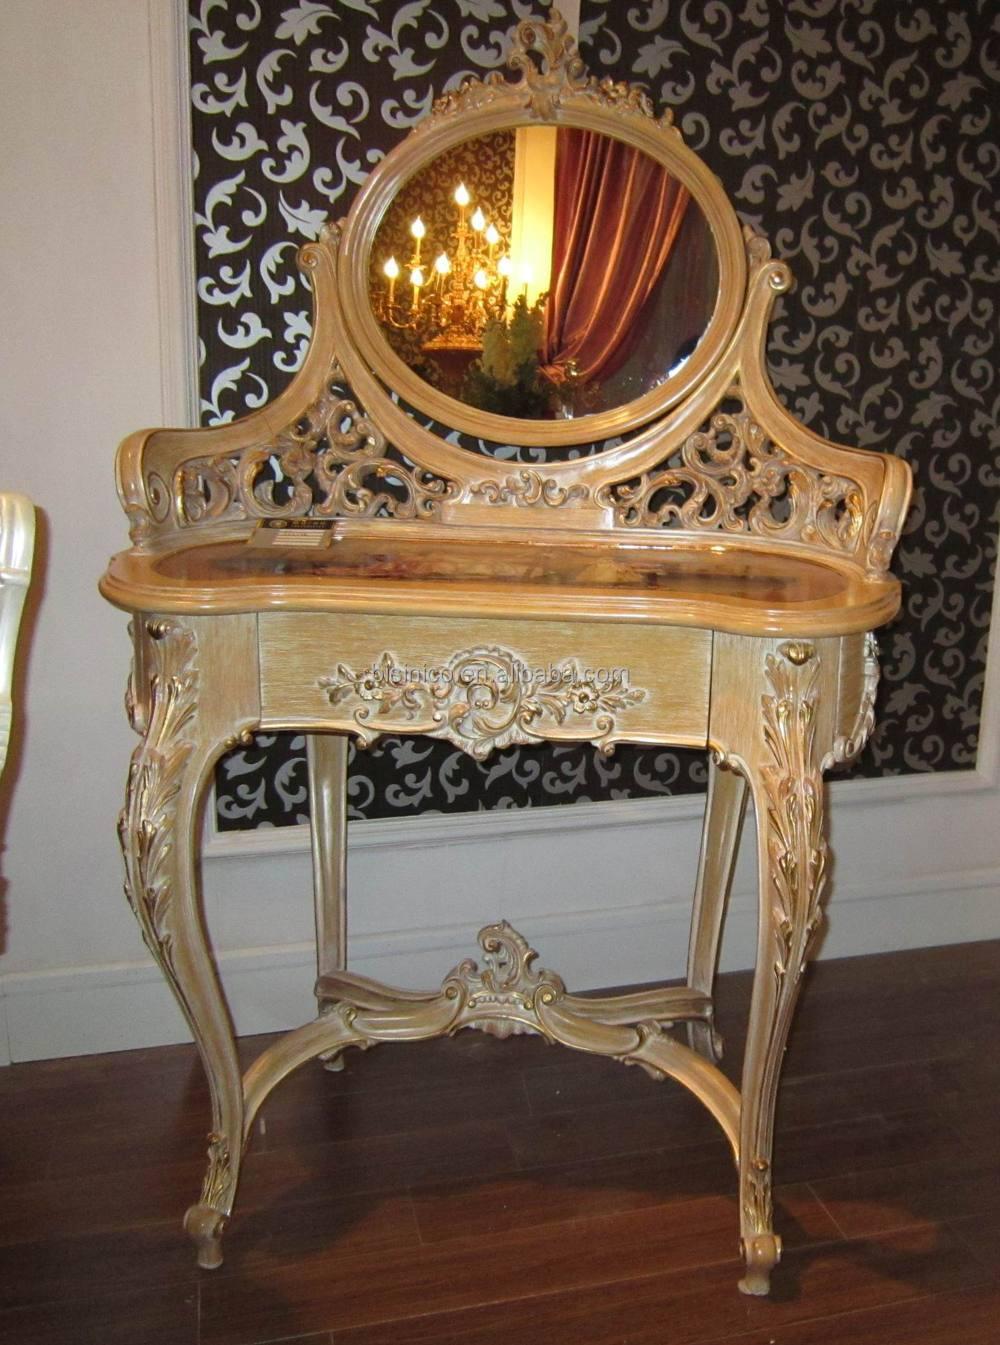 고급 프랑스어 루이스 XV 빈티지 콘솔 테이블 거울/ 고풍스러운 ...